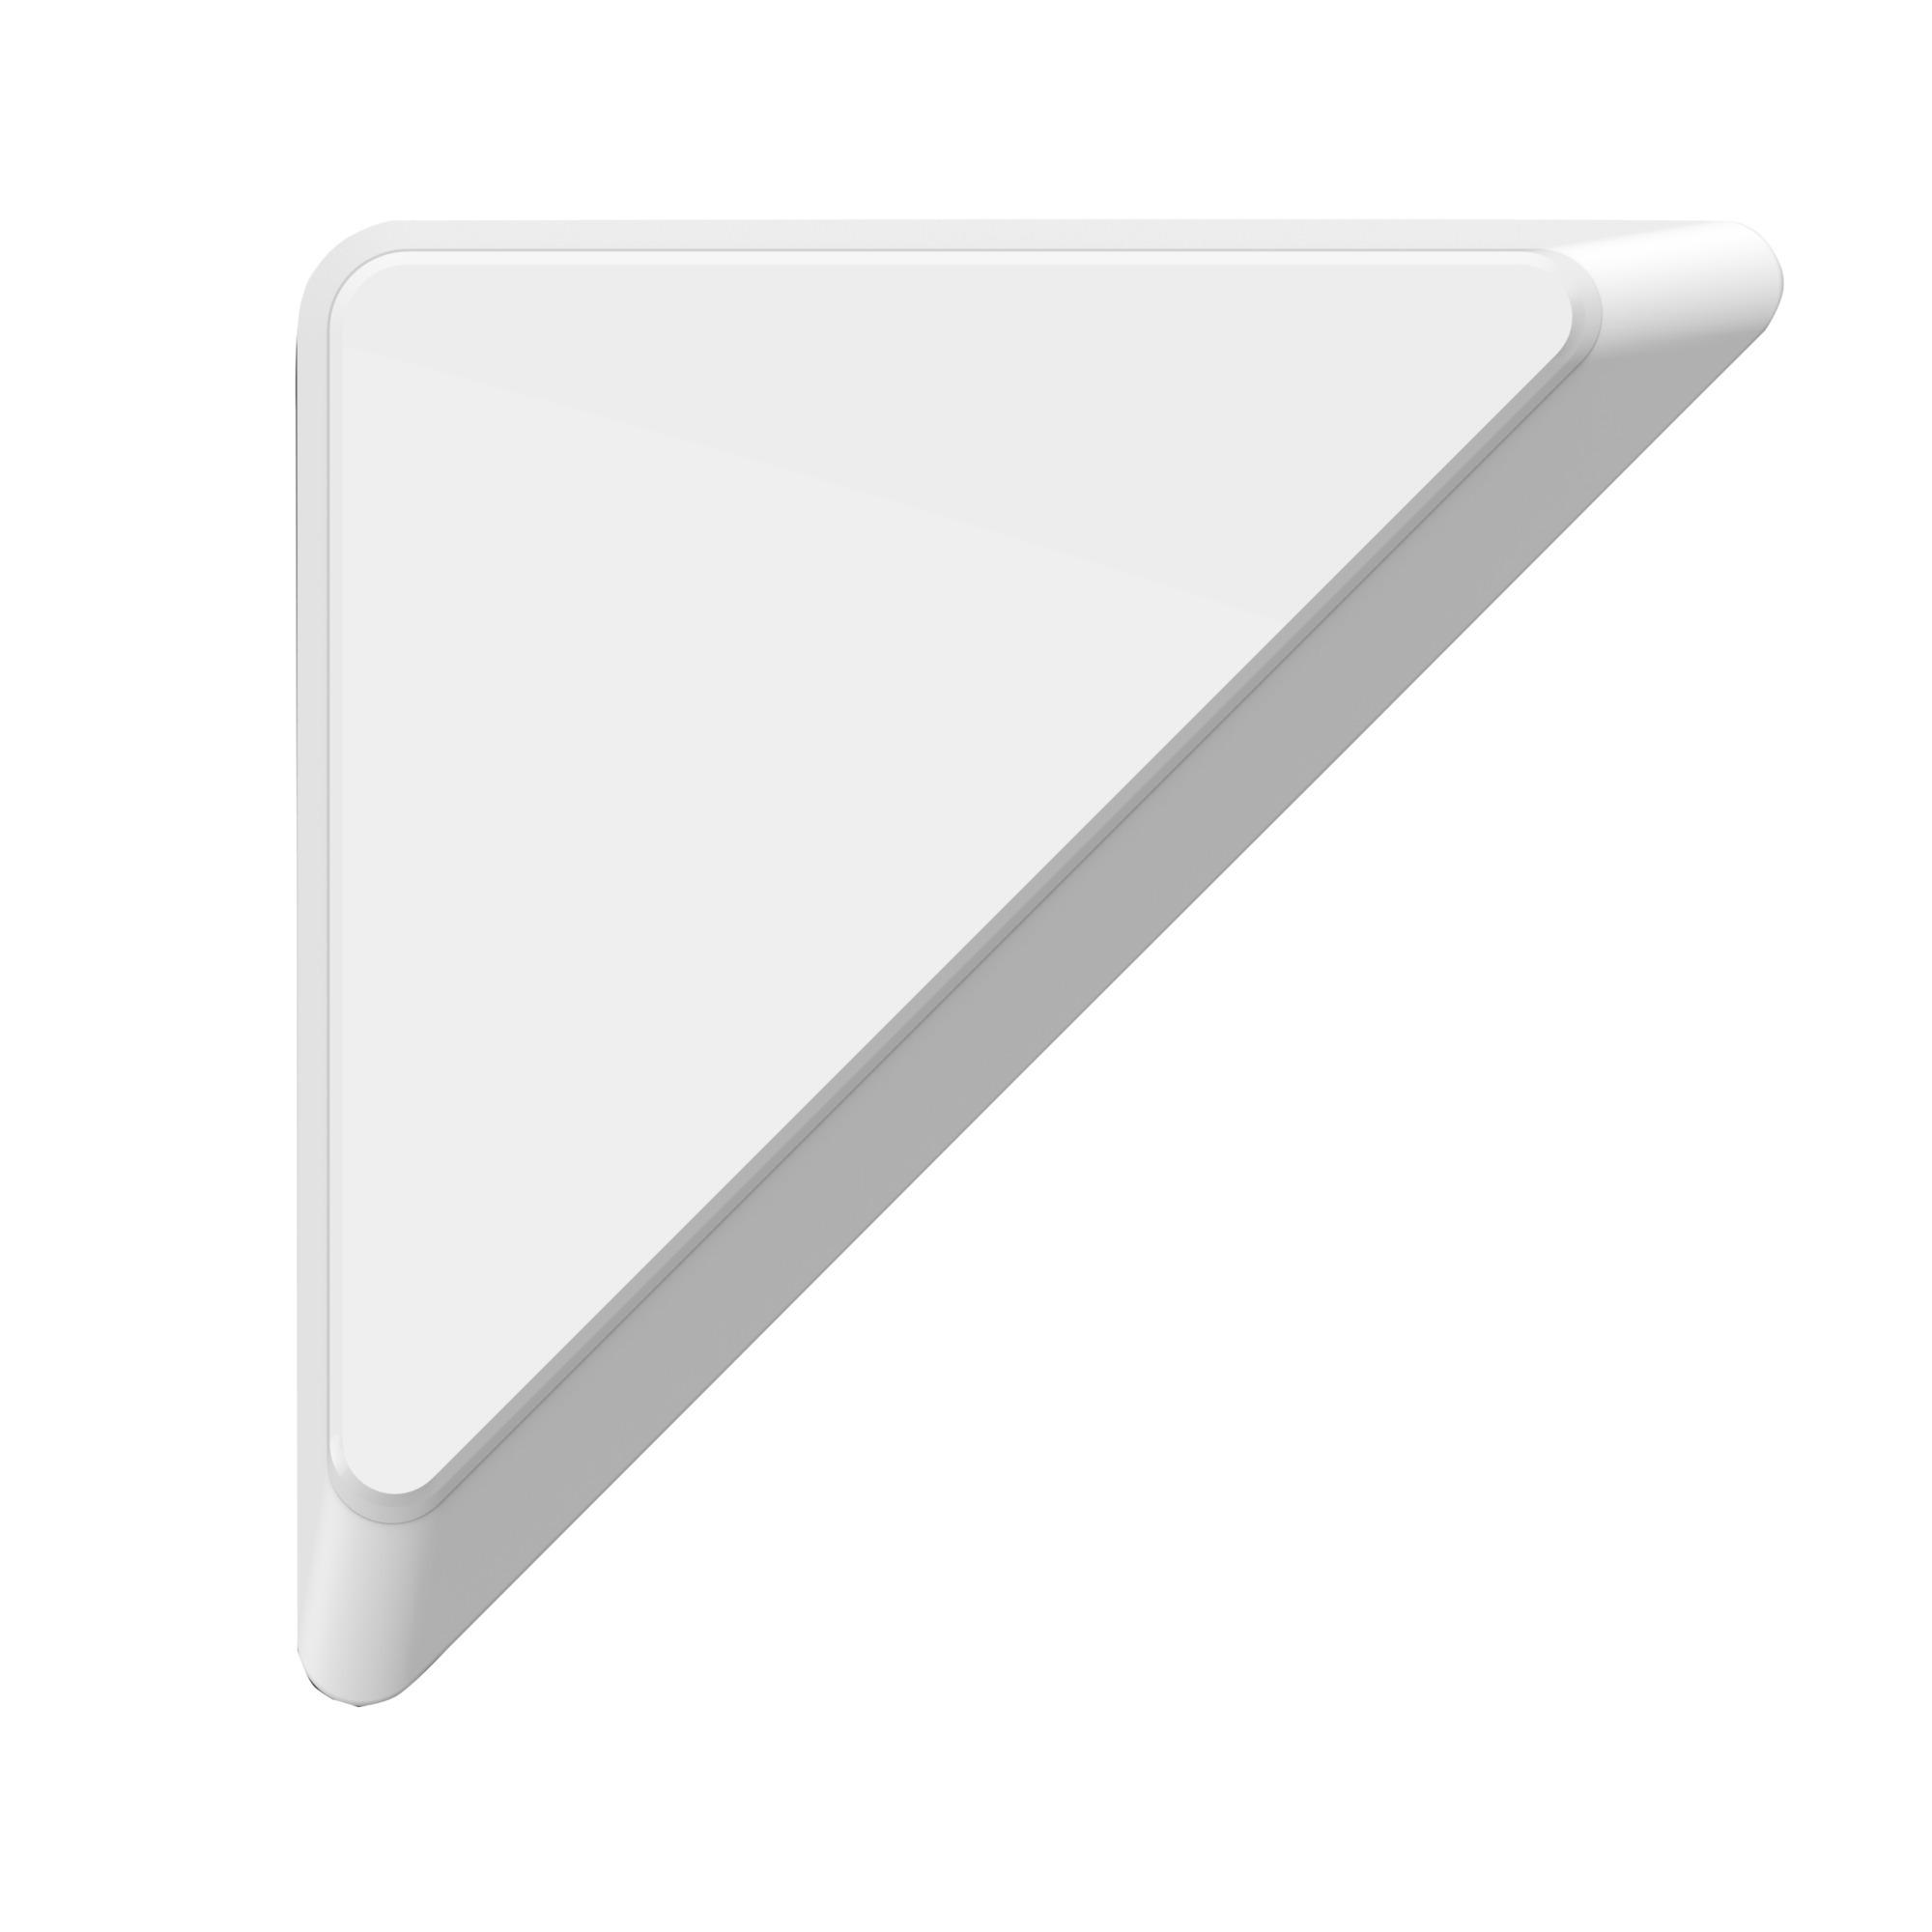 AEOEZW112 sensor de puerta / ventana Inalámbrico Blanco, Detector de apertura